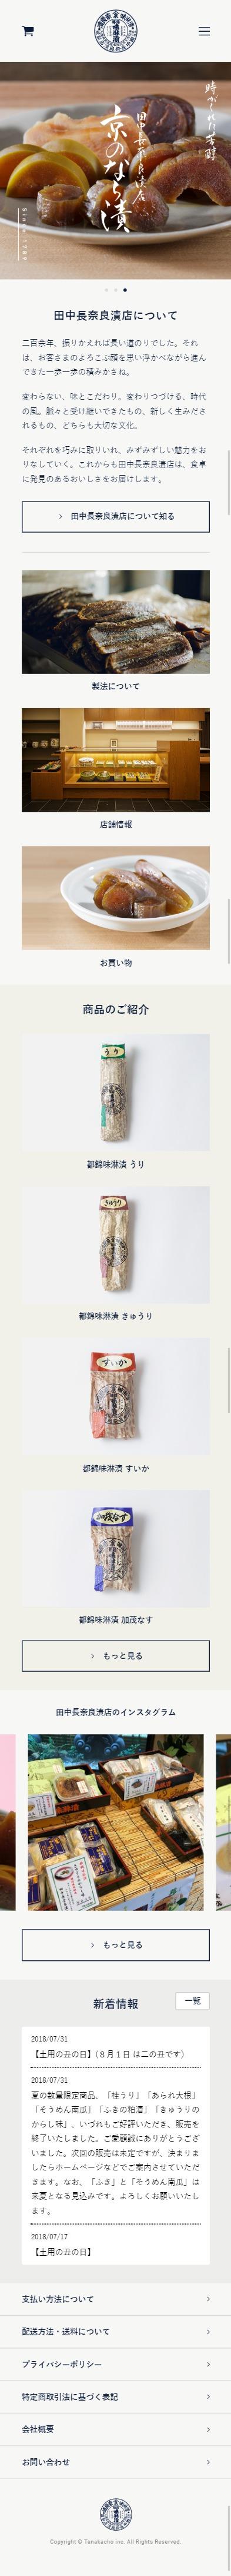 田中長奈良漬店スマホ版イメージ